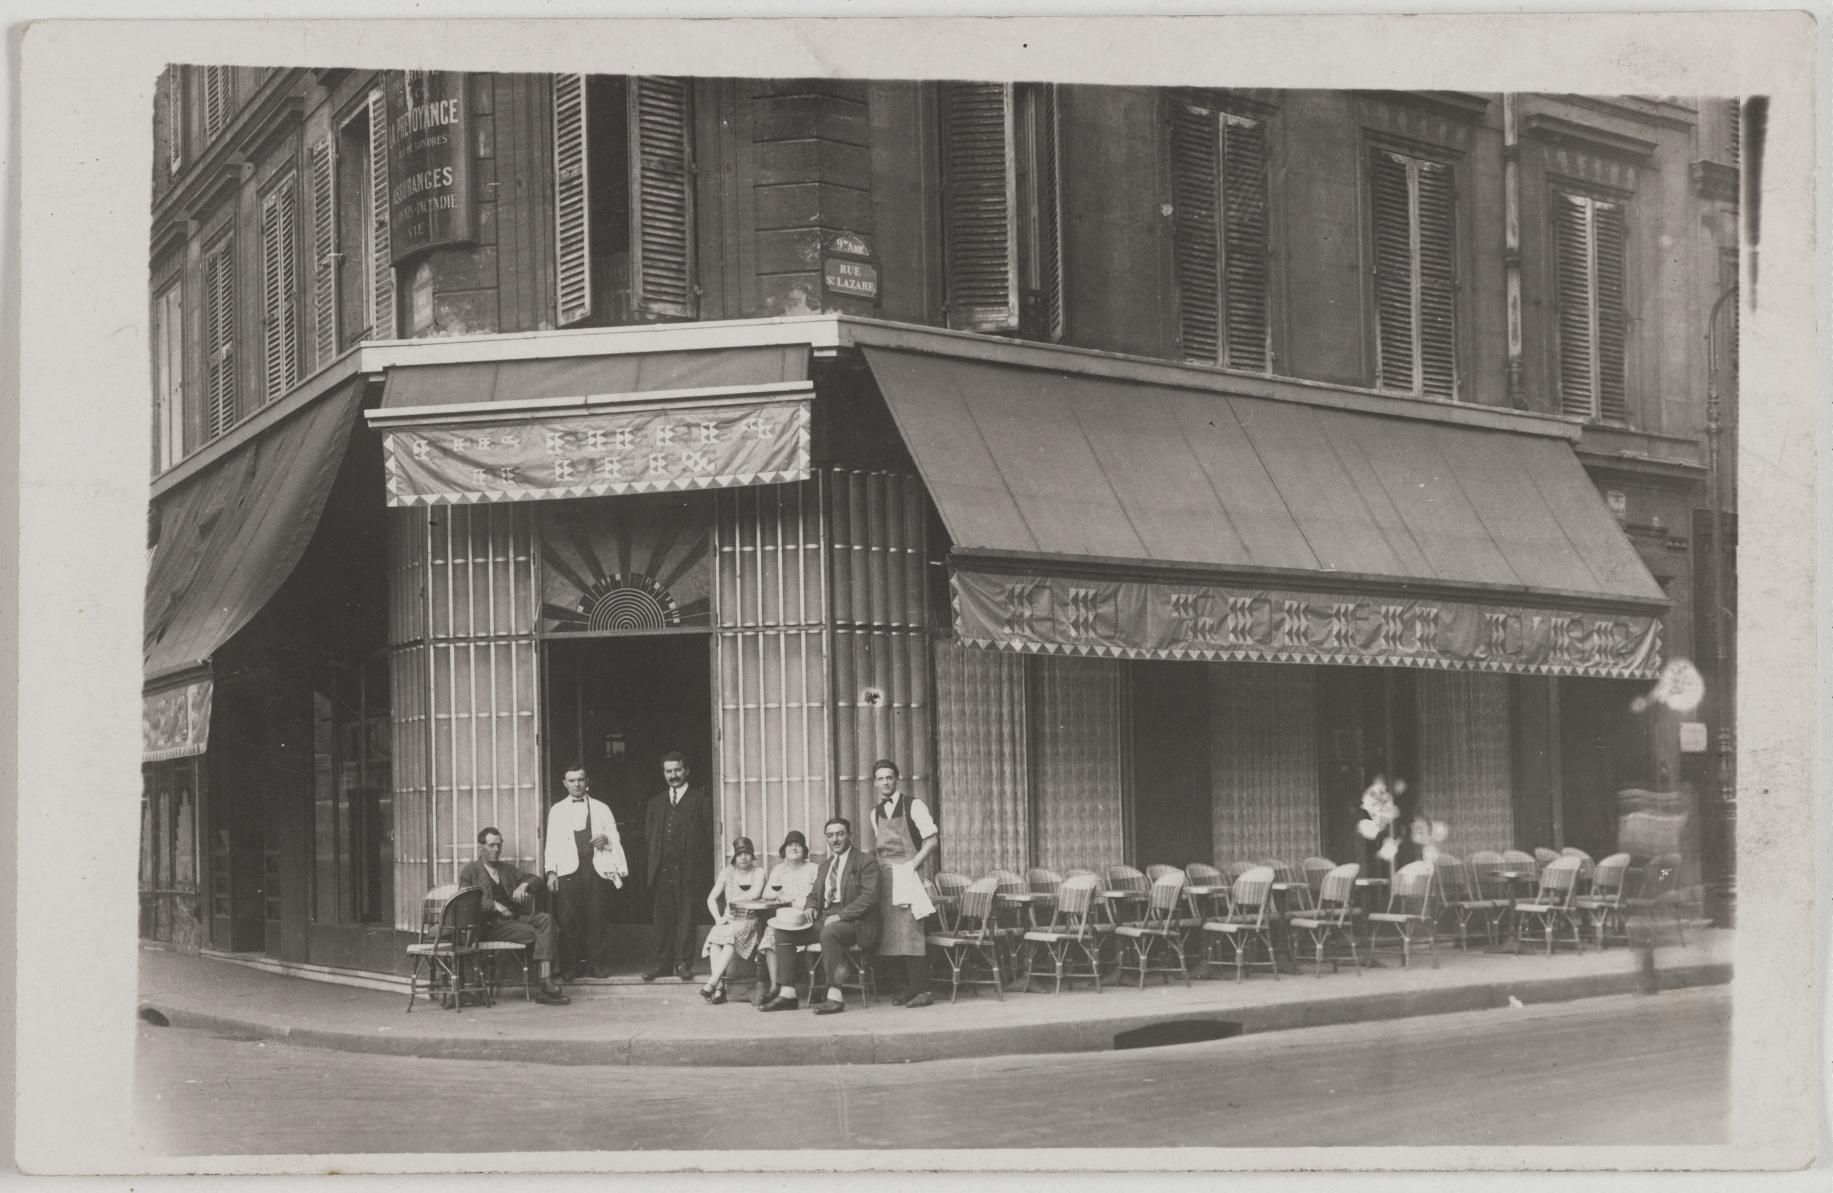 1920-1935. Ресторан «Ле Солей д Ор» 66, rue Saint-Lazare и 2, rue Blanche (9-й округ). Сейчас на этом месте кредитная компания